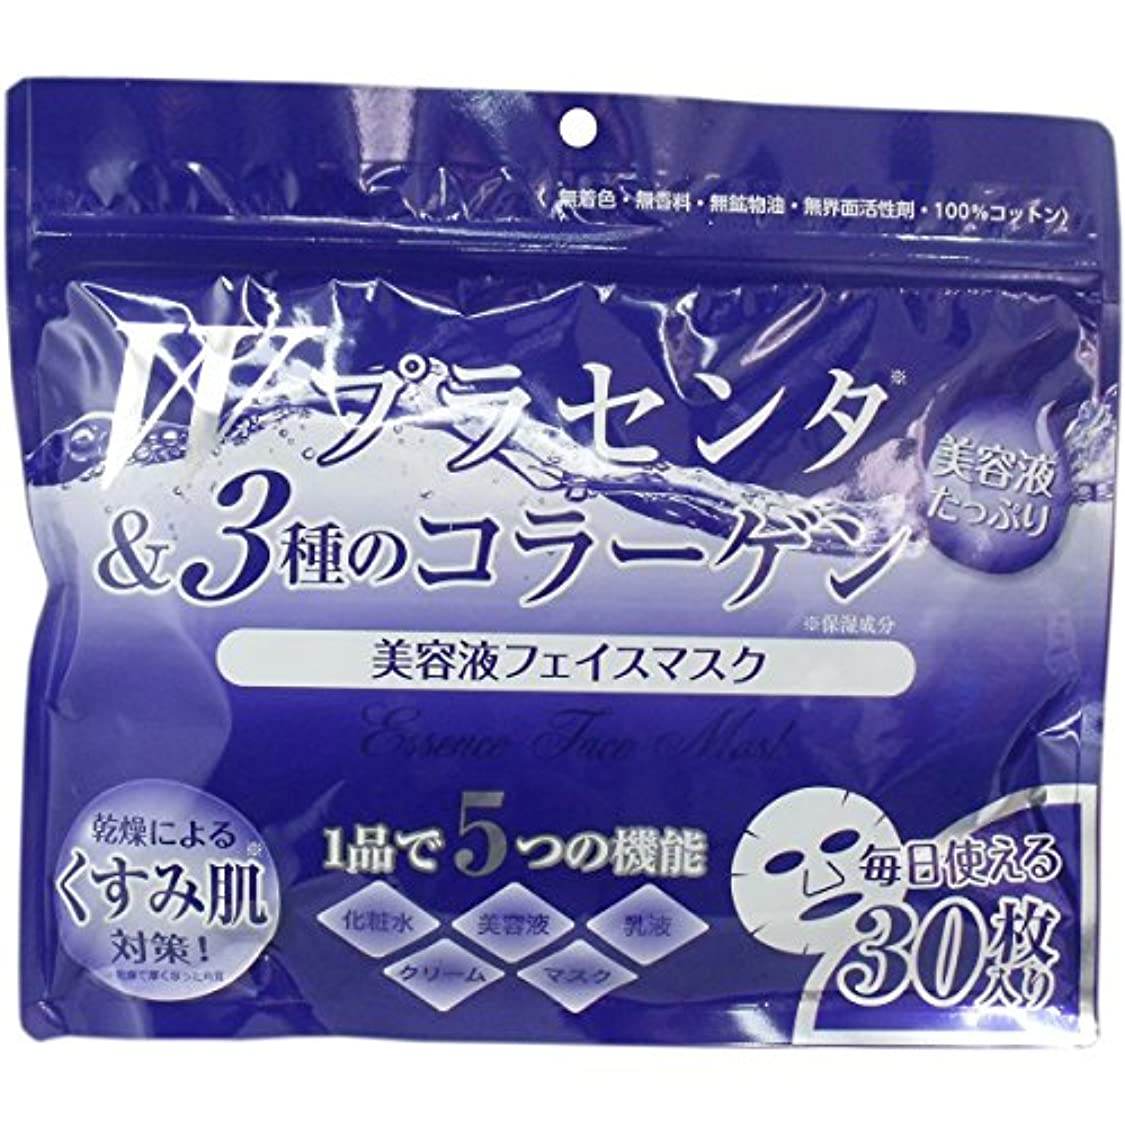 怠な立派な本能オールインワン 美容液フェイスマスク Wプラセンタ&3種のコラーゲン 30枚入